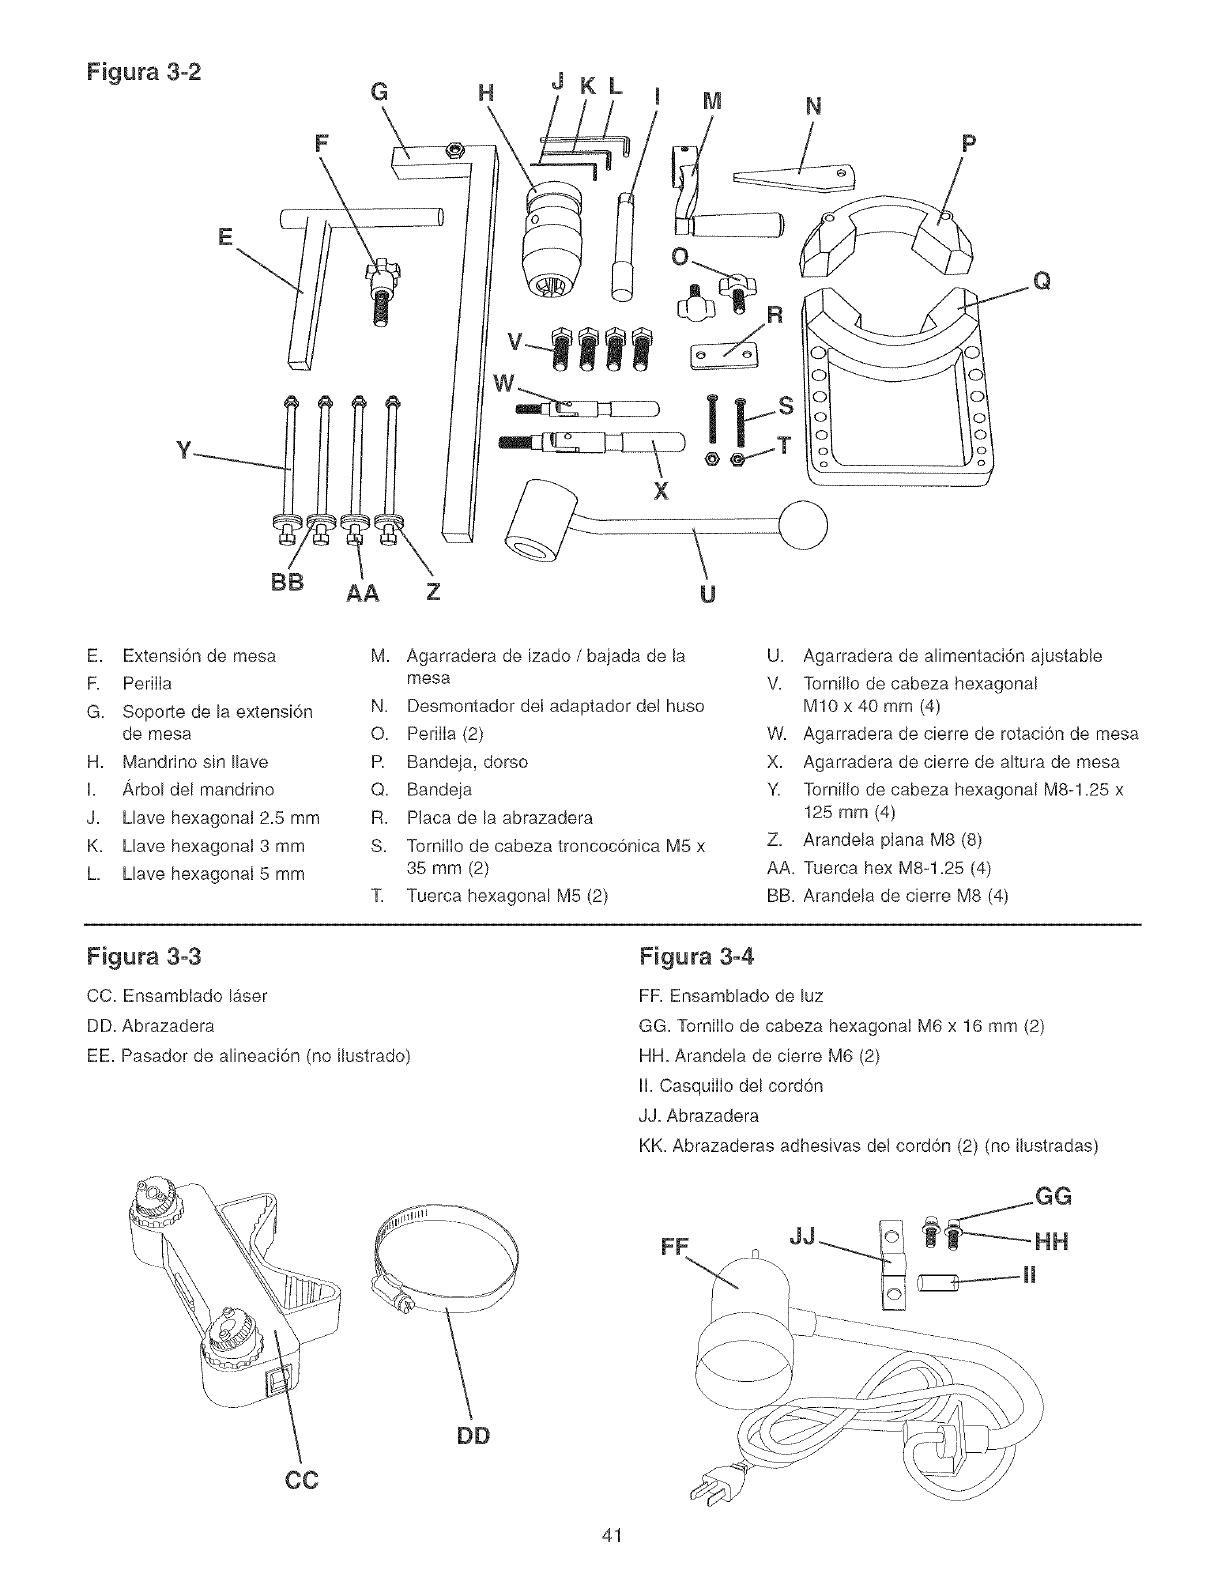 Figura 3 2